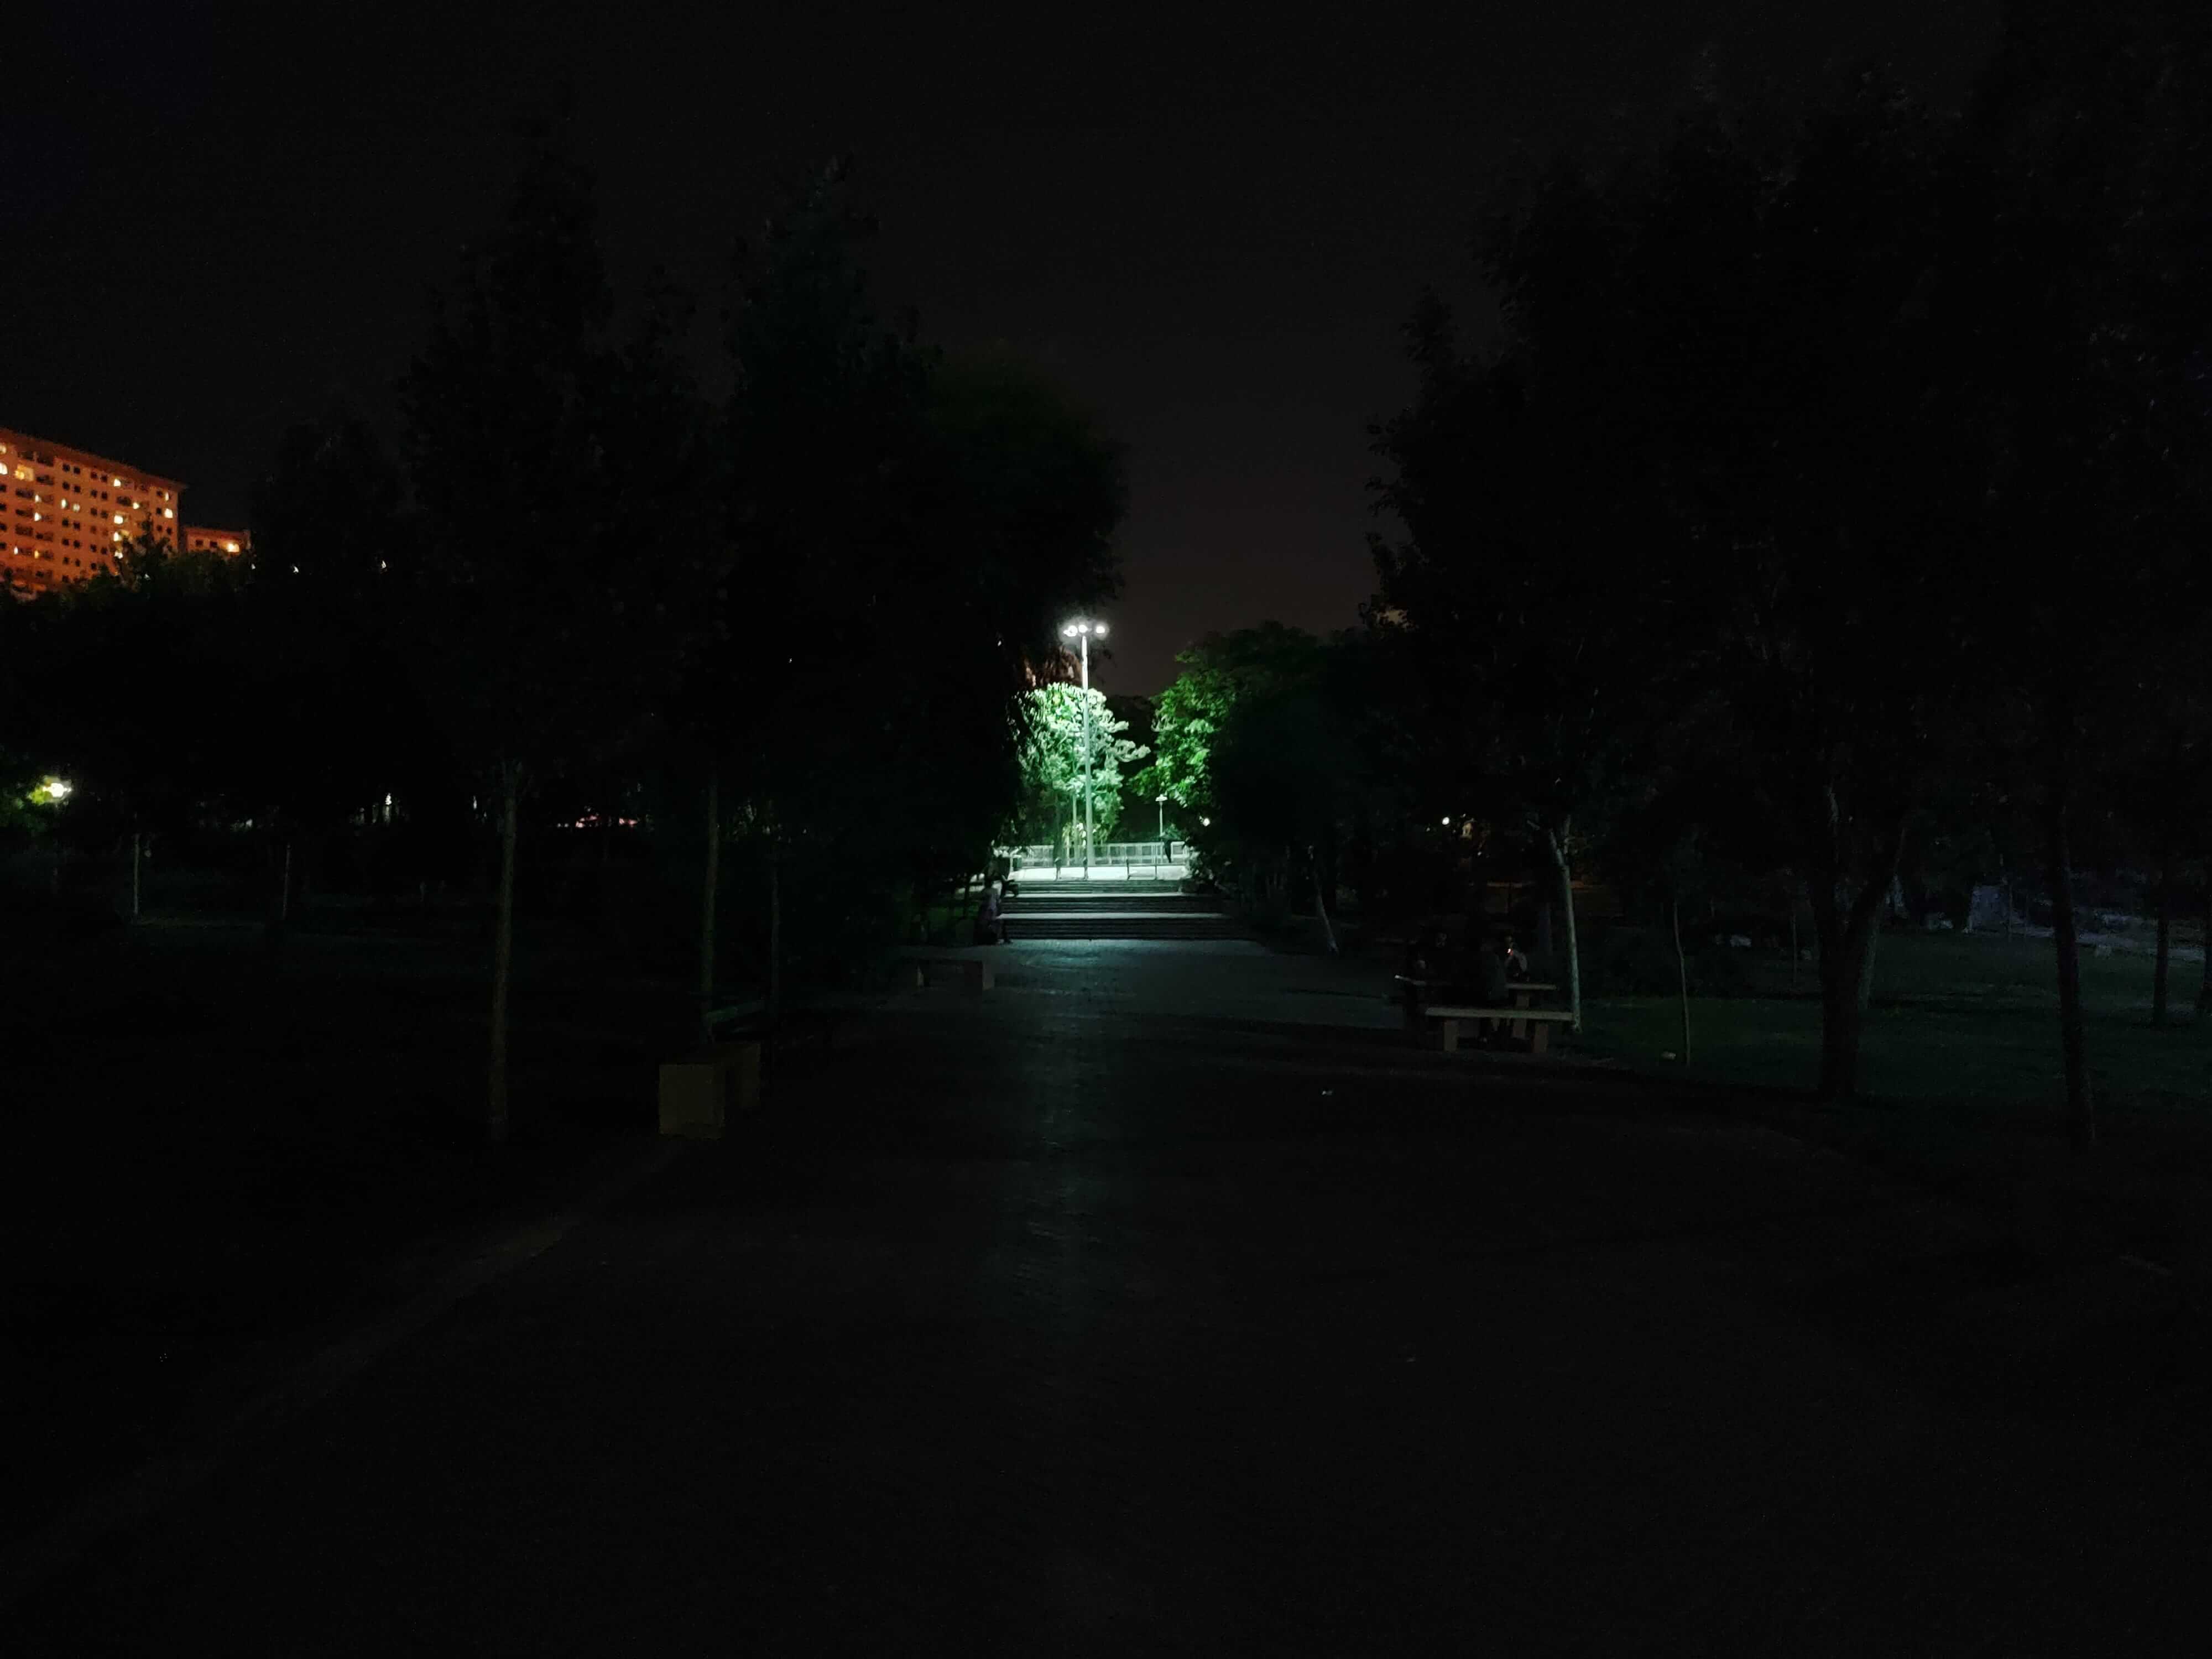 کیفیت دوربین نوت 10 پرو شیائومی در شب